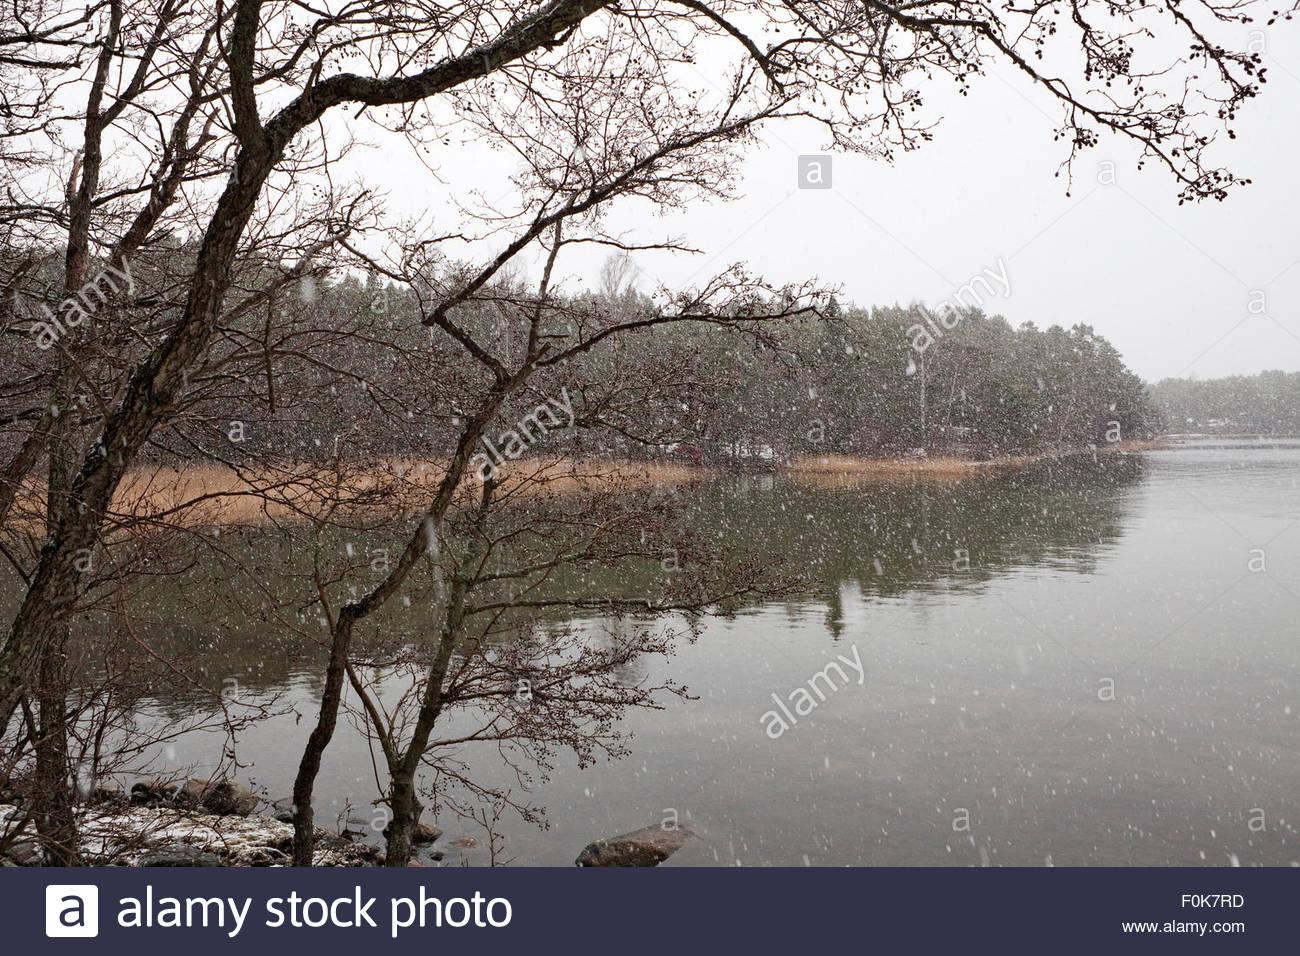 It's raining sleet - Stock Image